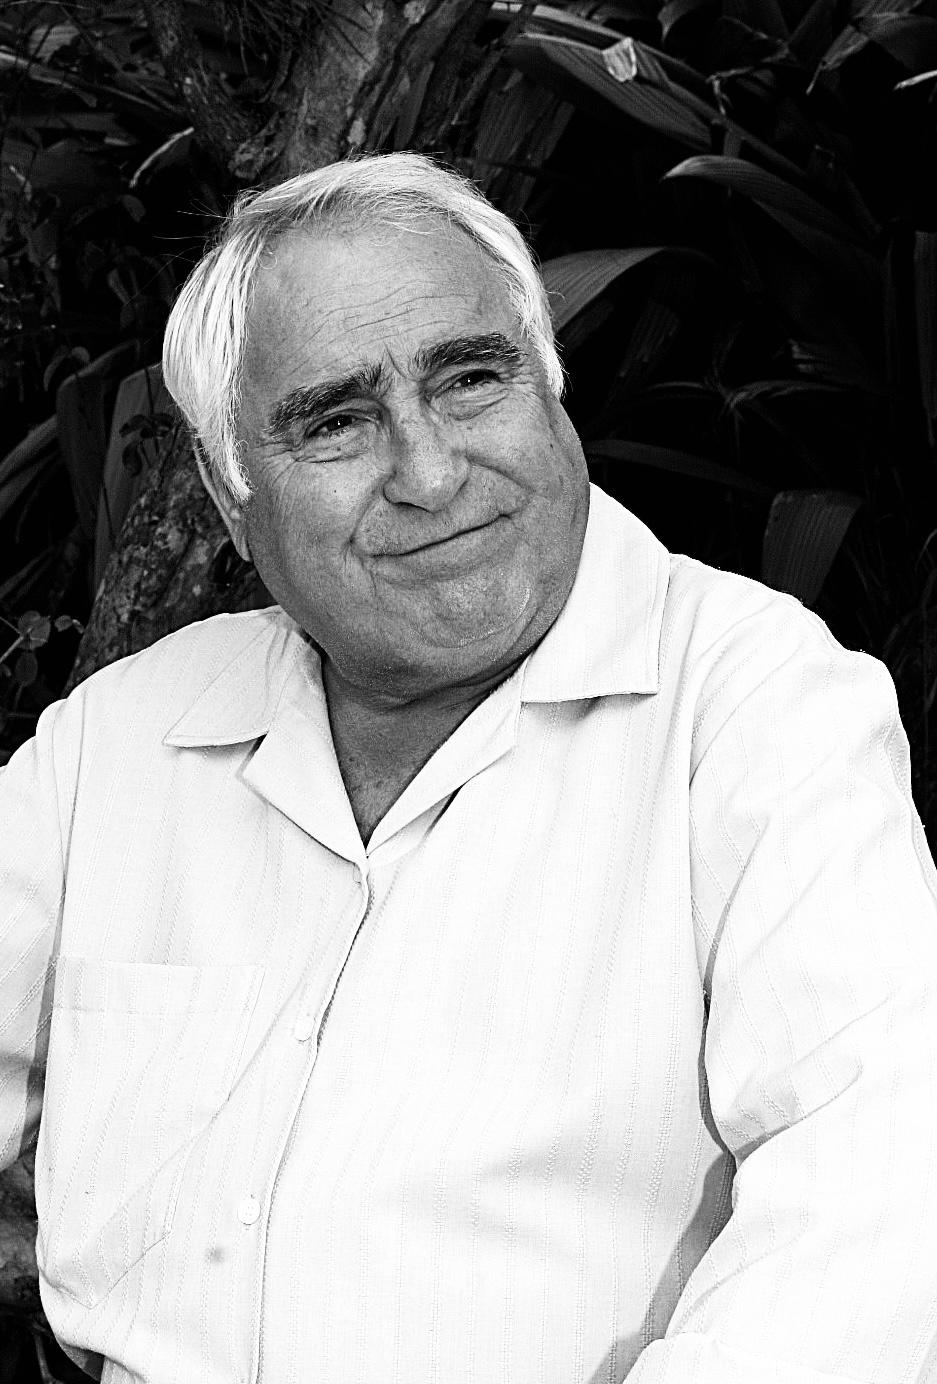 Morre o ator Luís Gustavo aos 87 anos 3